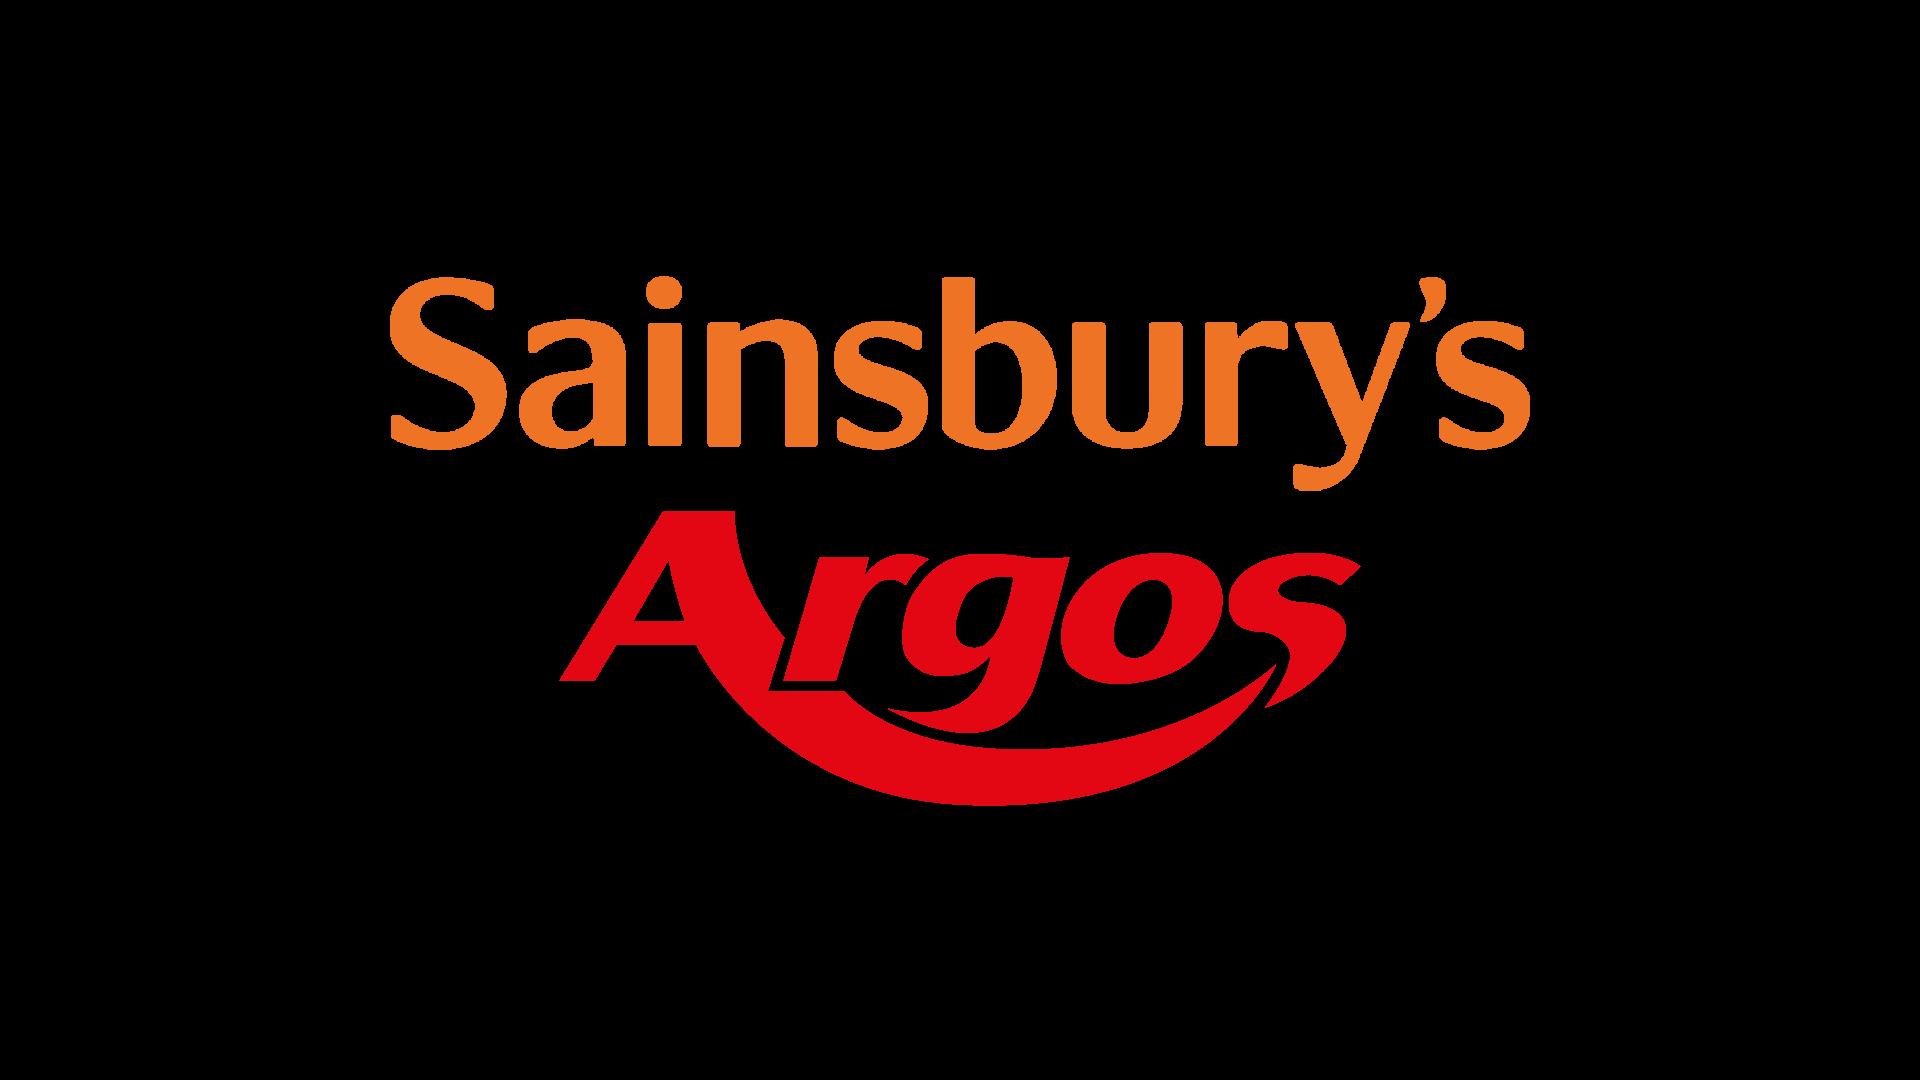 CADS client Sainsbury's Argos